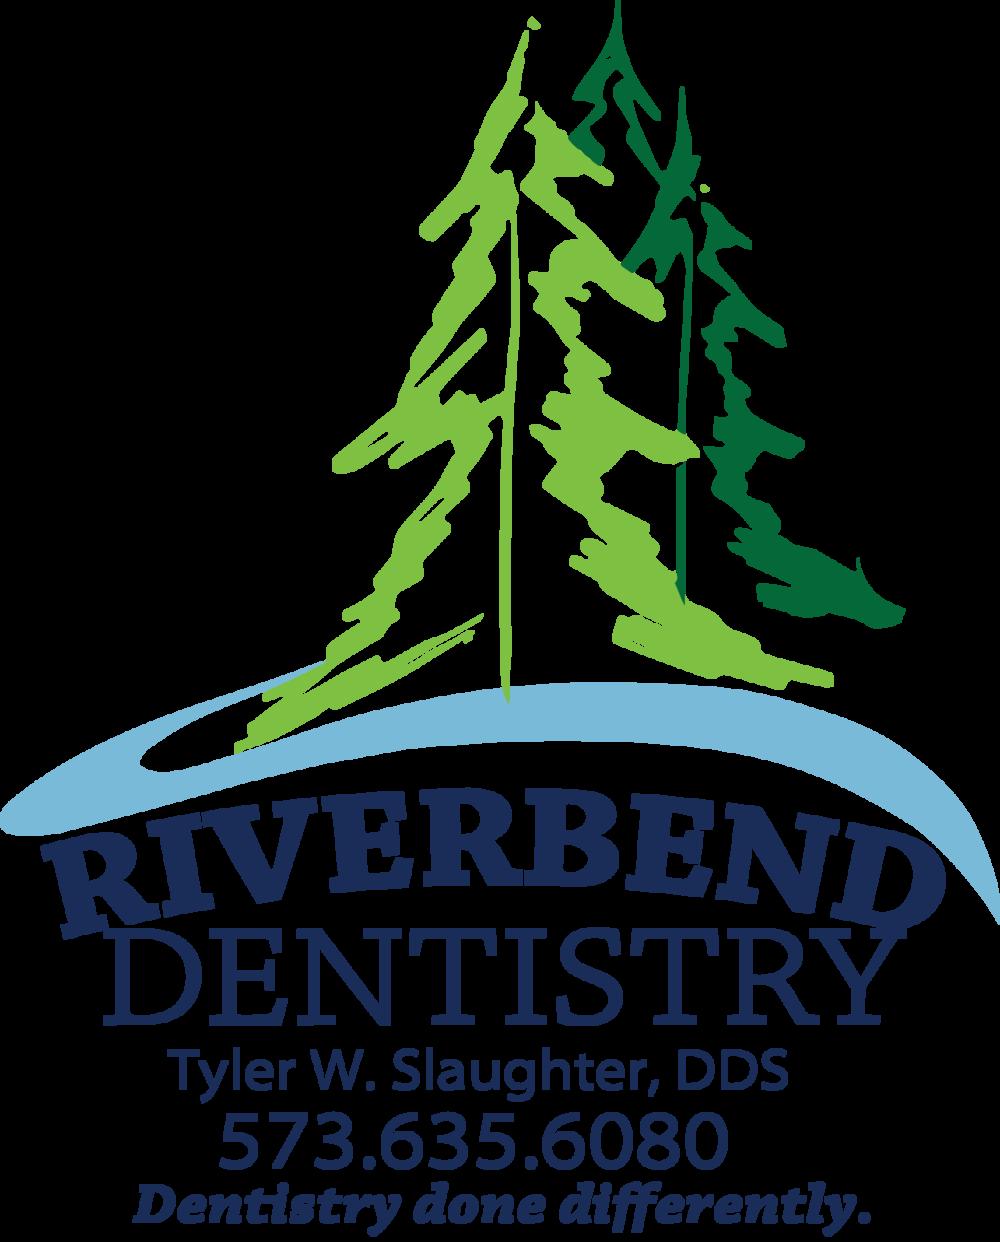 Riverbend Dentistry Dr. Tyler Slaughter